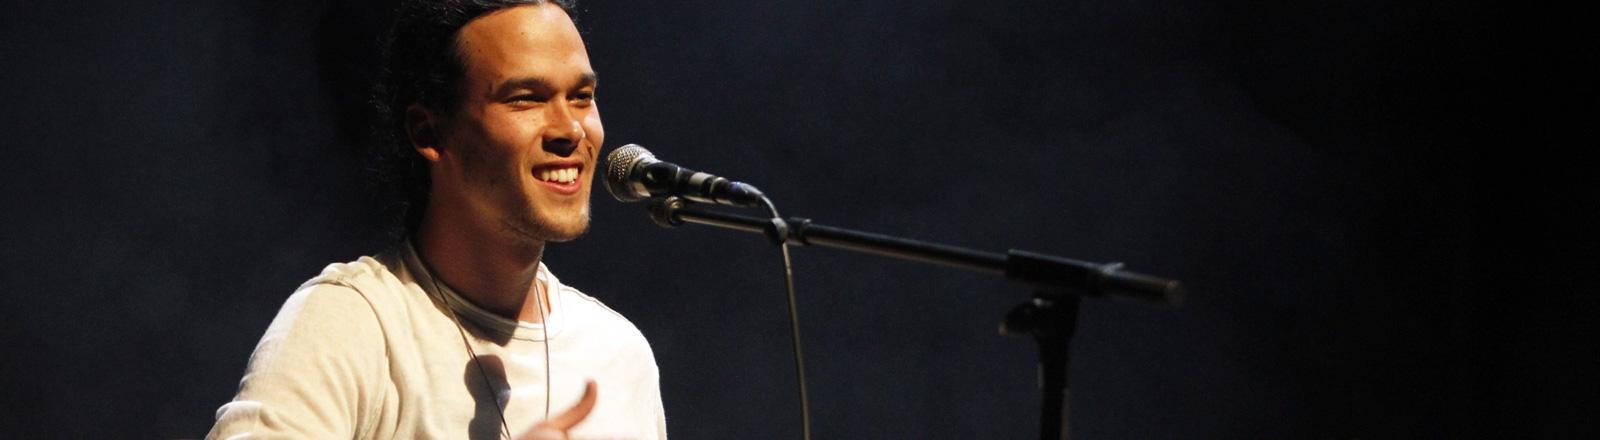 US-Singer/Songwriter Justin Nozuka auf dem Blue Balls Festival in Luzern am 30.07.2011.